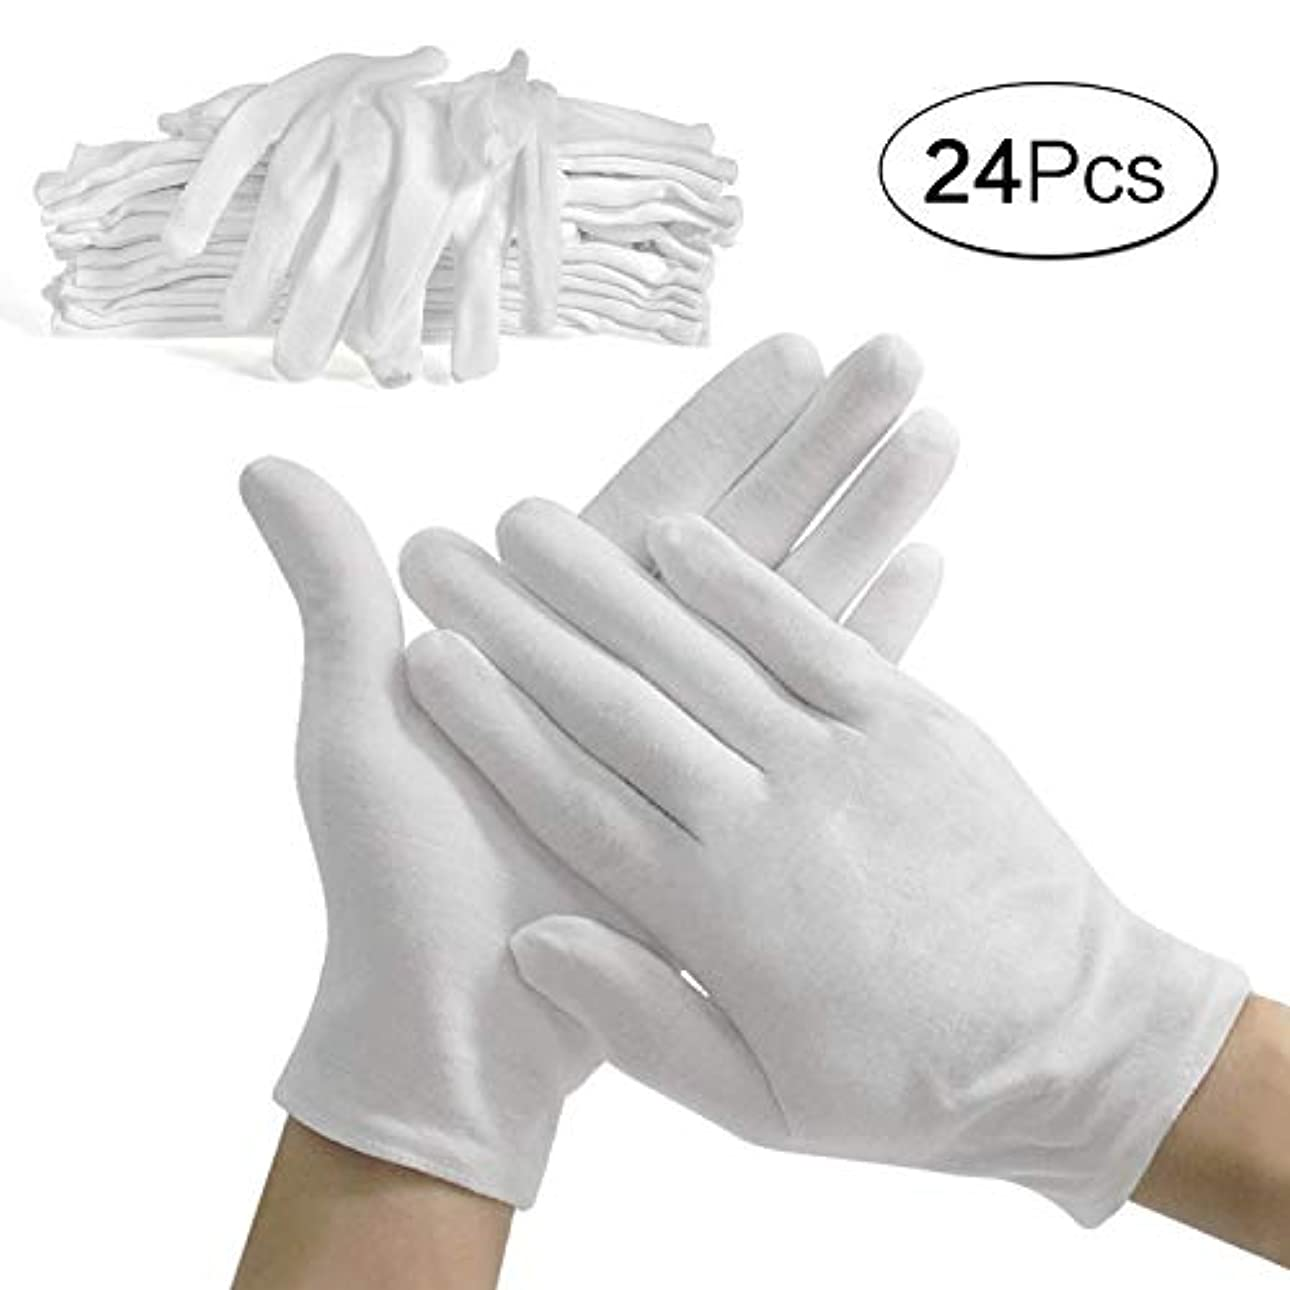 損なうコミュニティ誤ってコットン手袋 綿手袋 手荒れ 純綿100% 使い捨て 白手袋 薄手 手袋 レディース 12双組 白 M